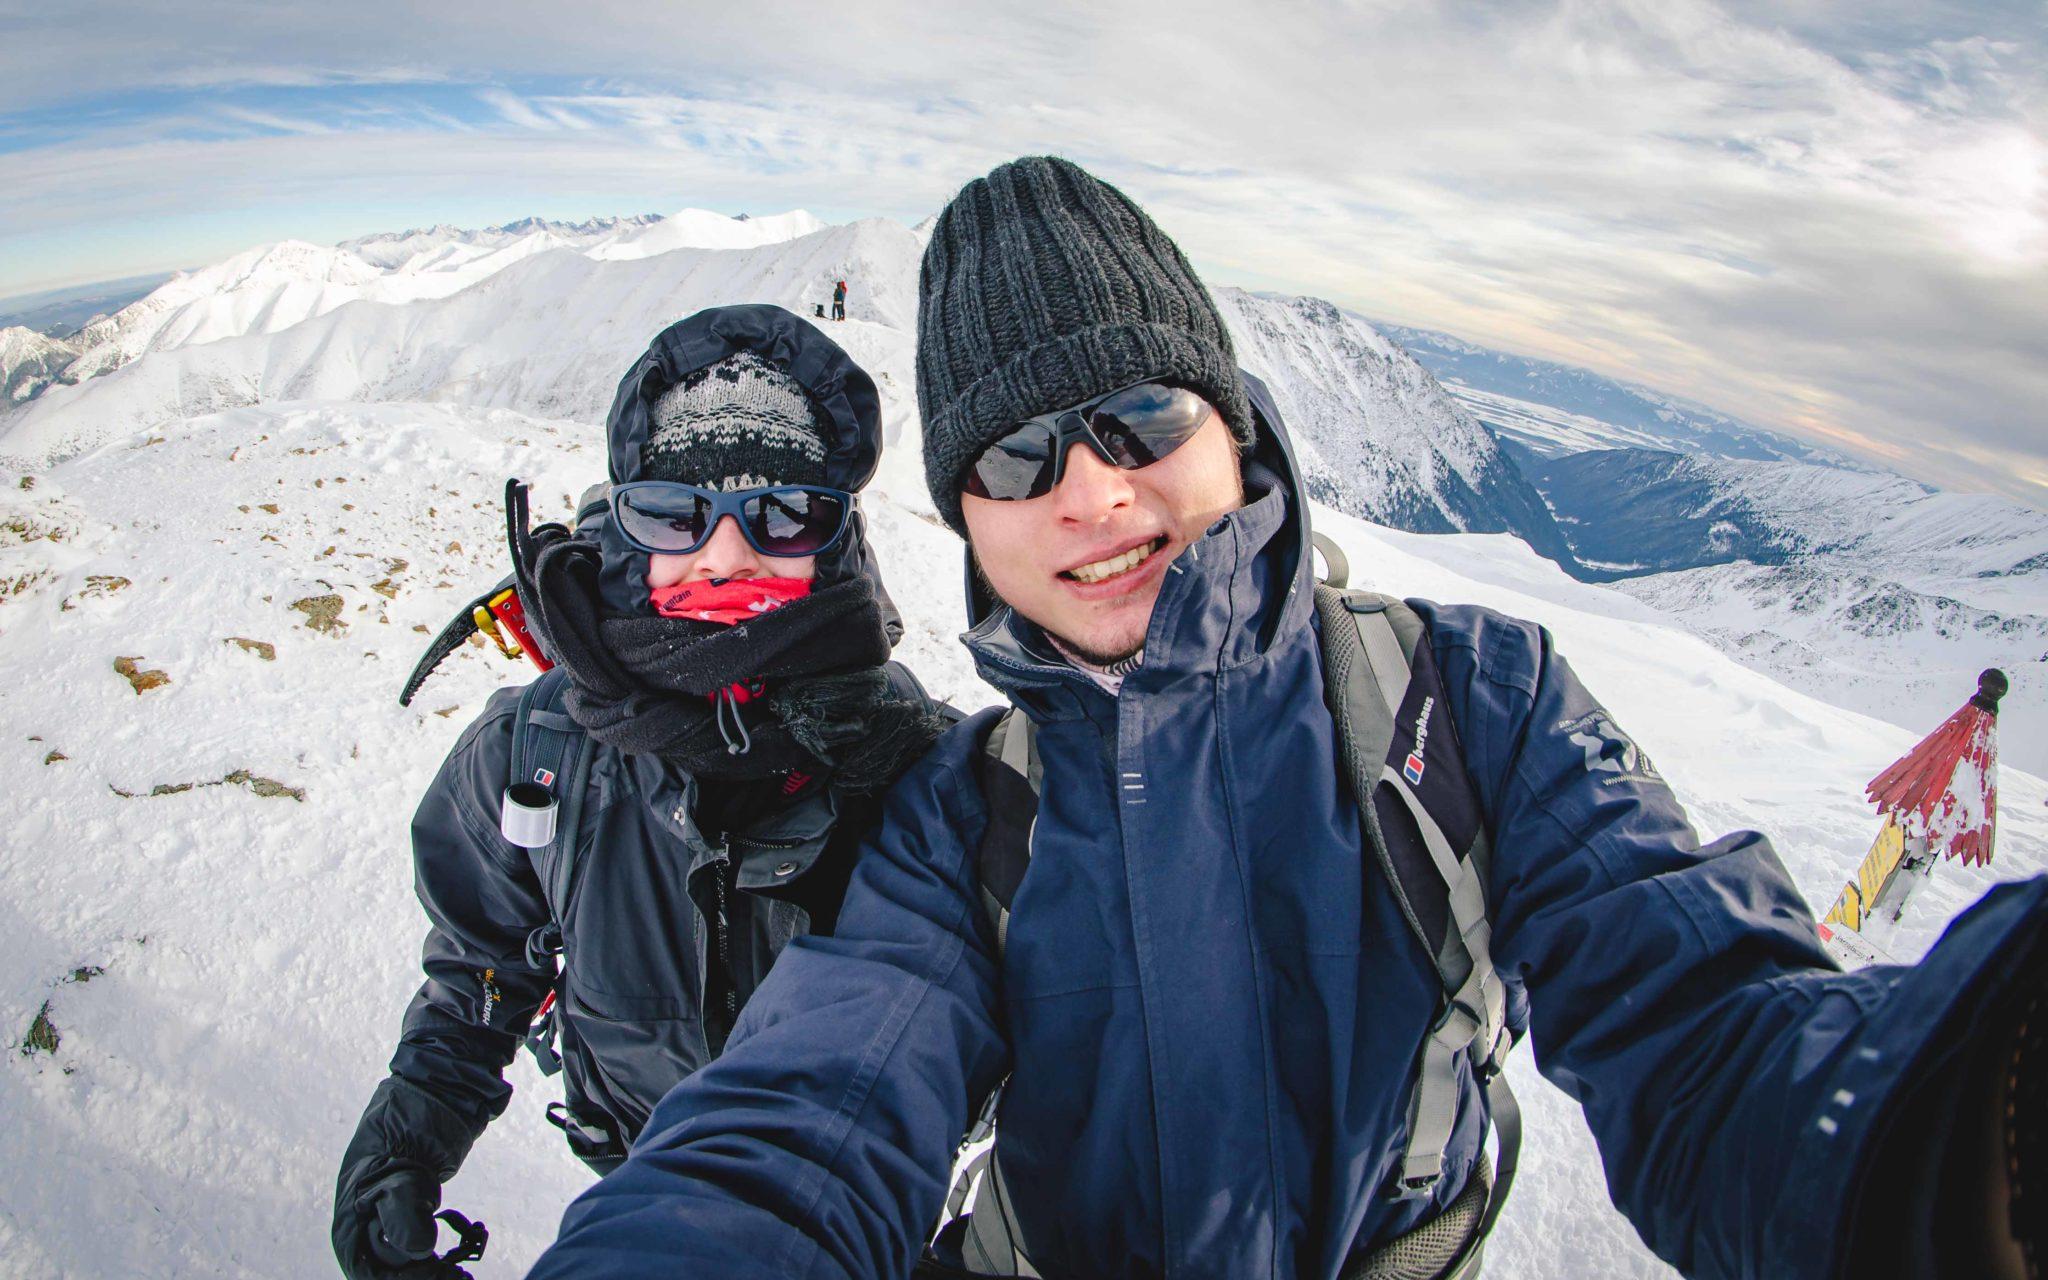 Kobieta i mężczyzna stoją na szczycie